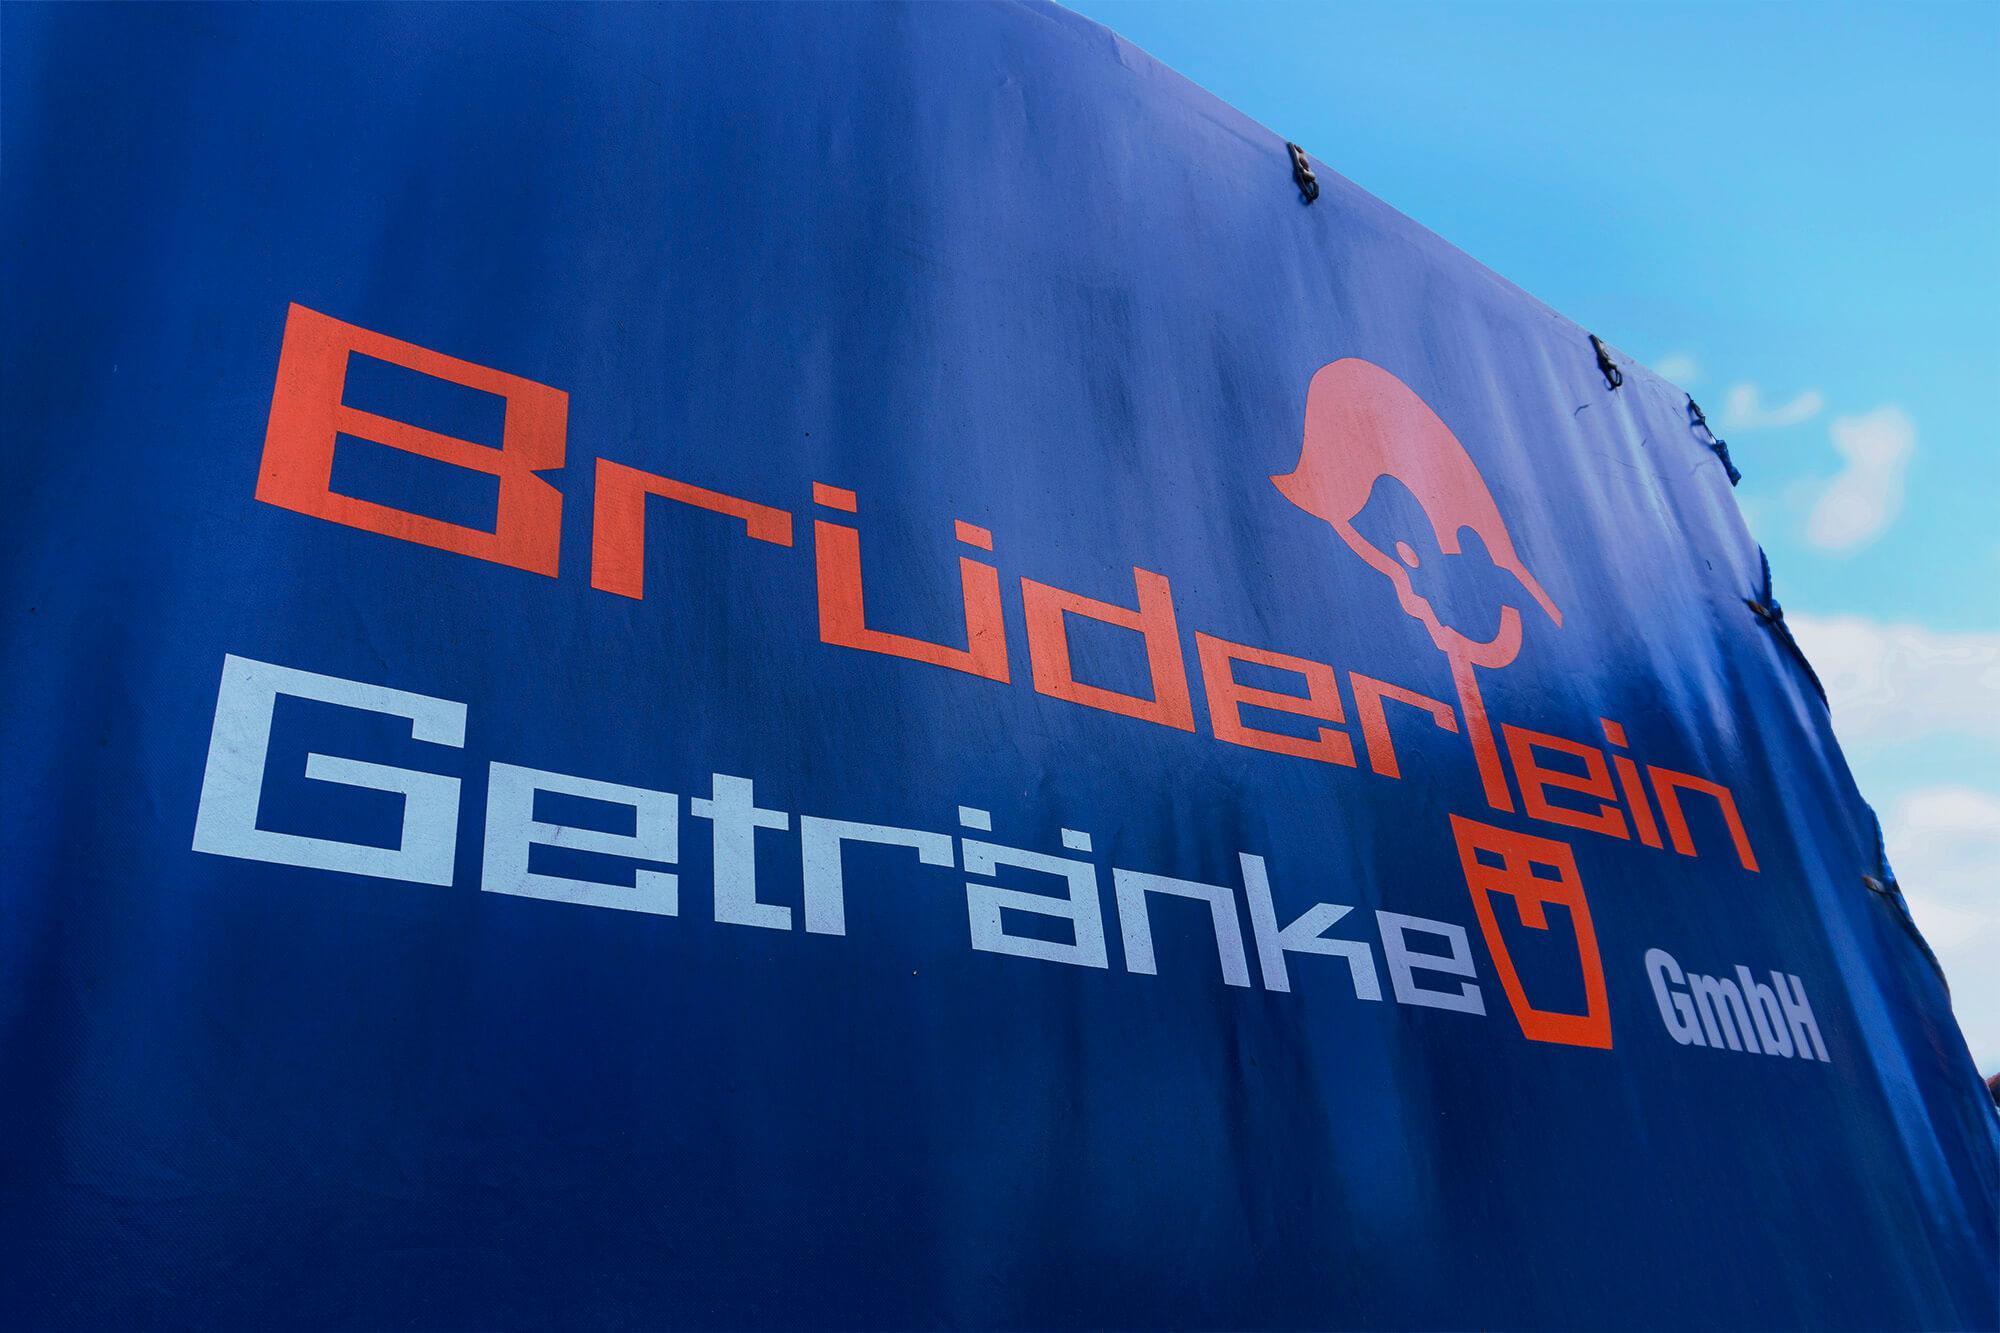 Bruederlein Getraenke | Laster